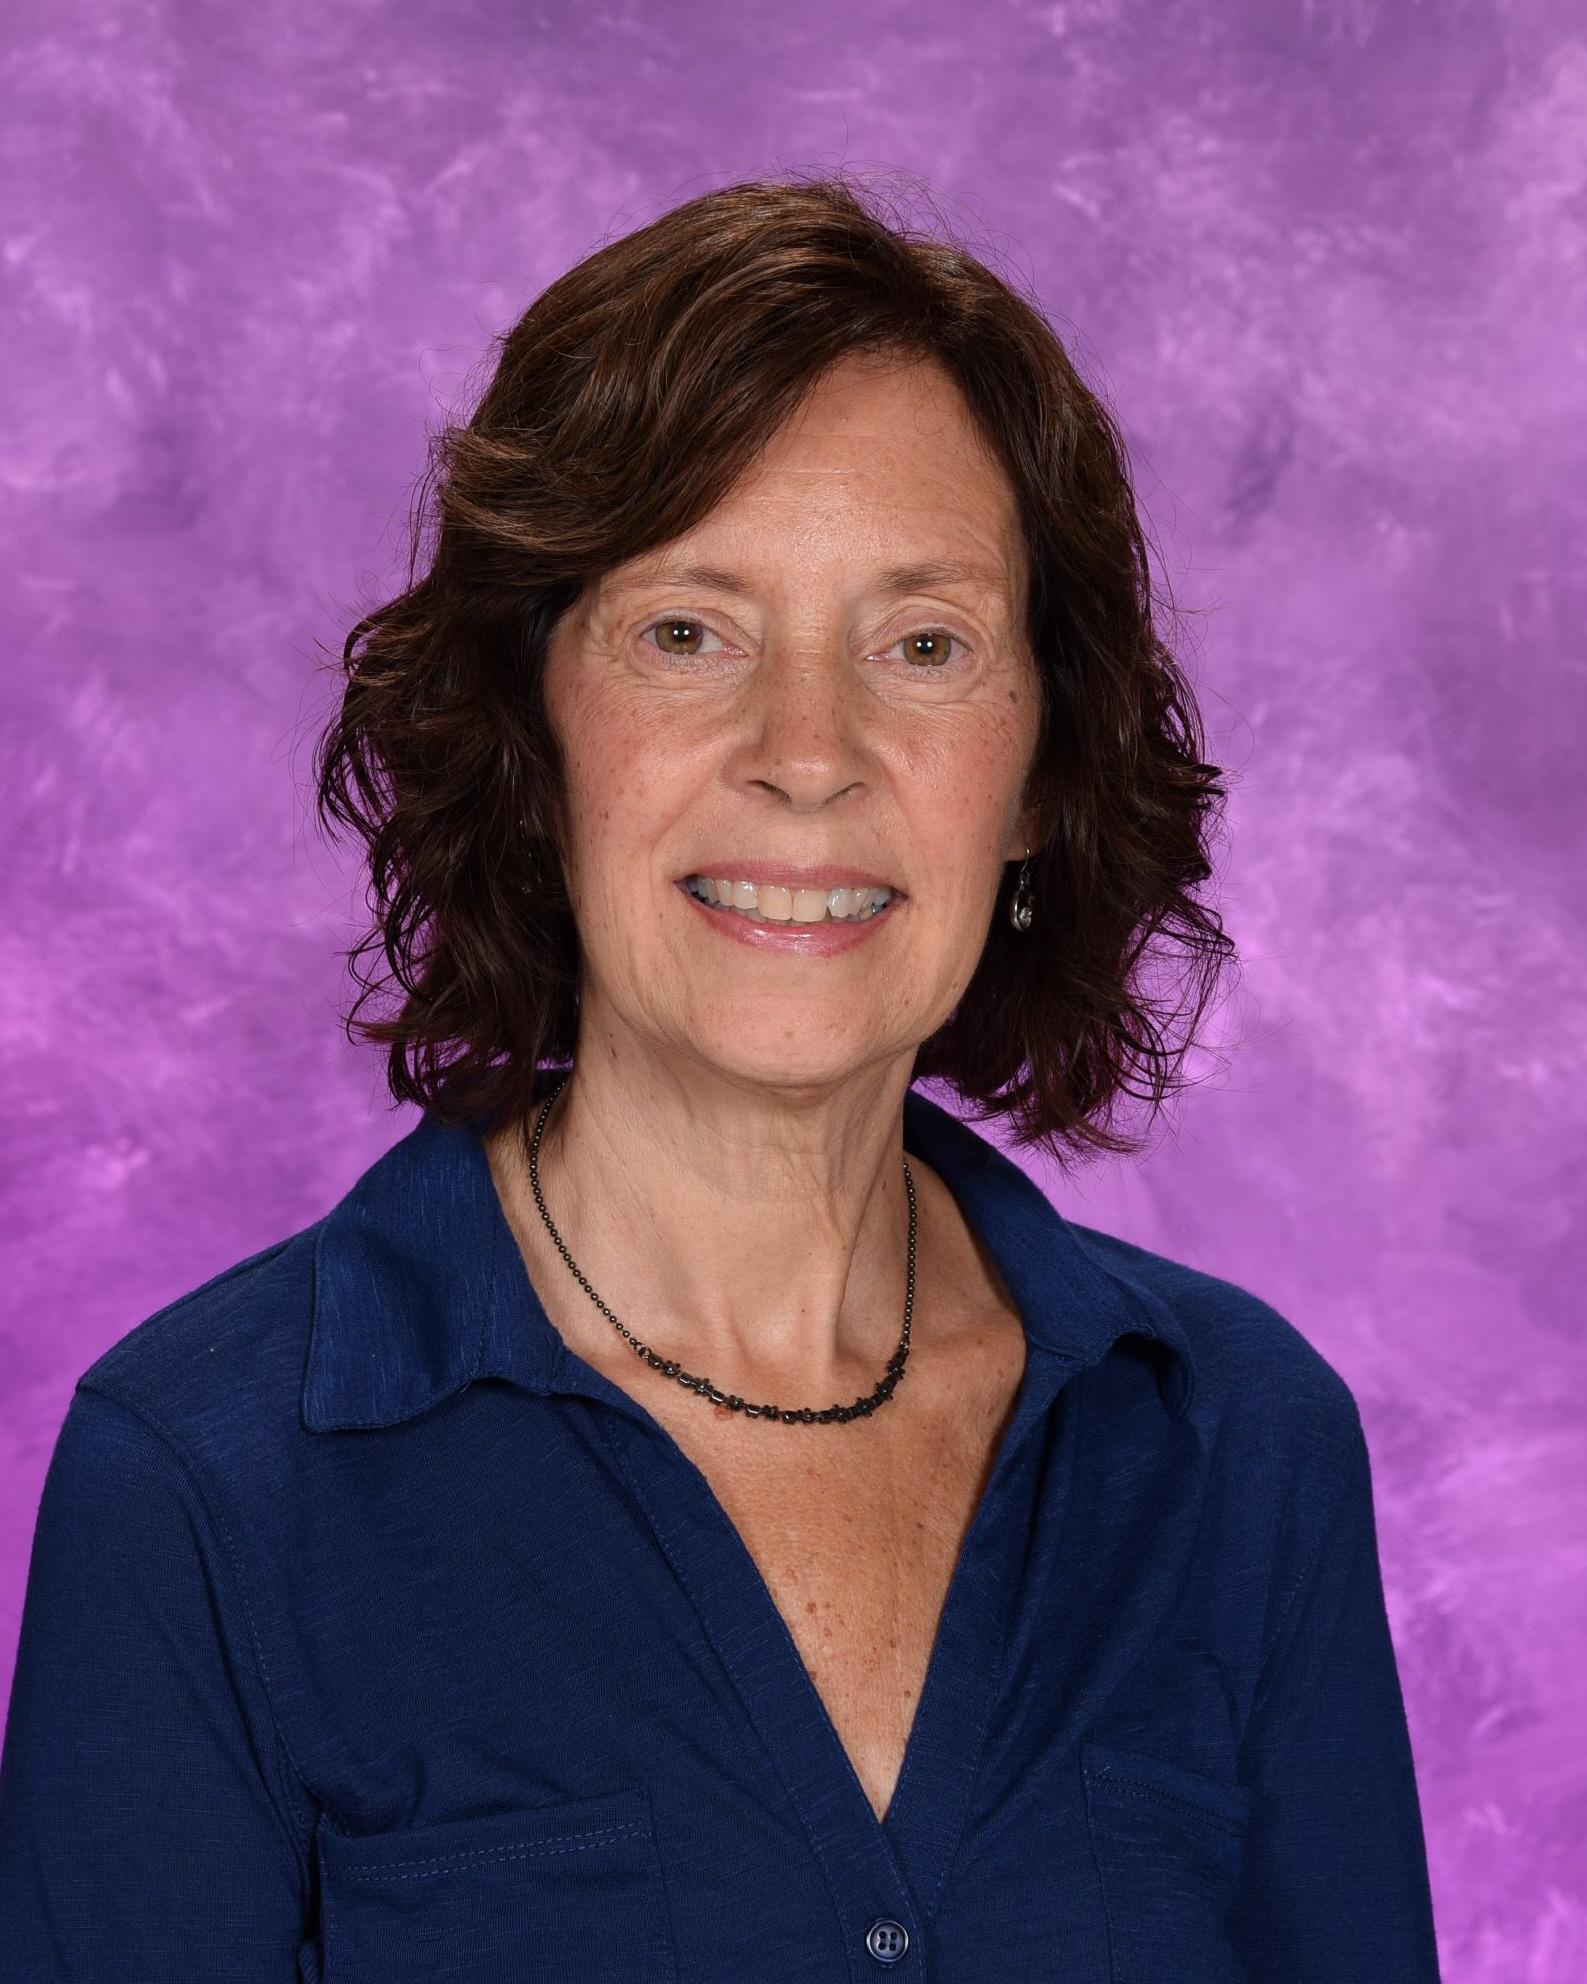 Ann Fallon